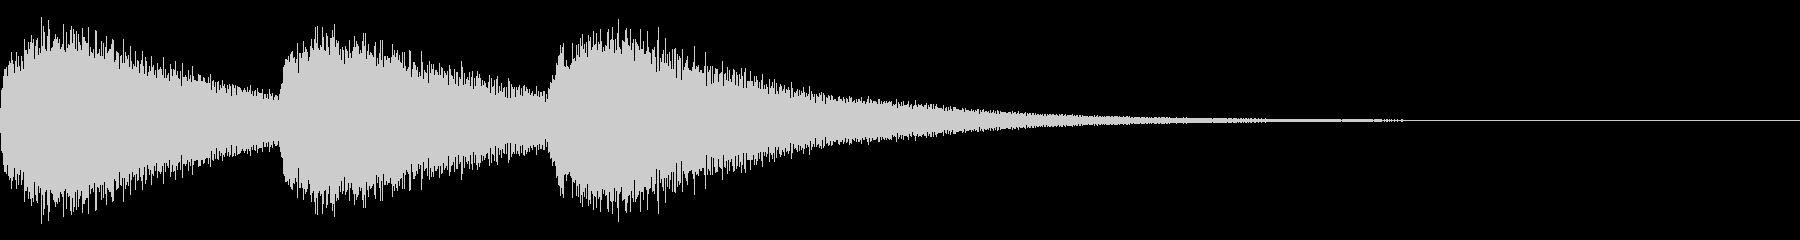 教会のベル 3時の未再生の波形